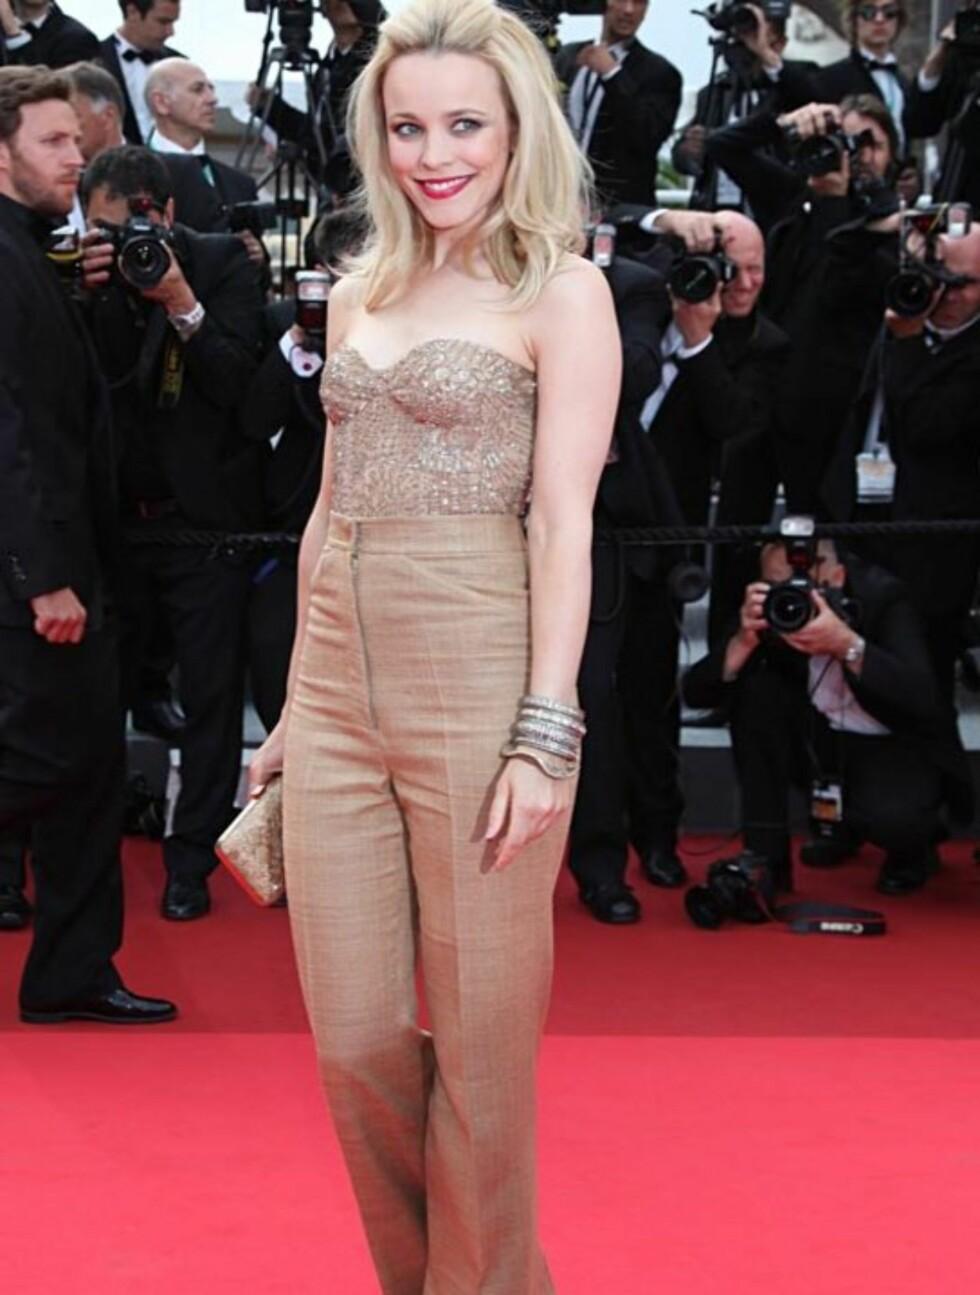 UTRADISJONELL: I likhet med Faye Dunaway valgte skuespiller Rachel McAdams bukser på den røde løperen i Cannes torsdag. Antrekket er fra kjendisfavoritt Monique Lhuillier. Foto: Stella  Pictures